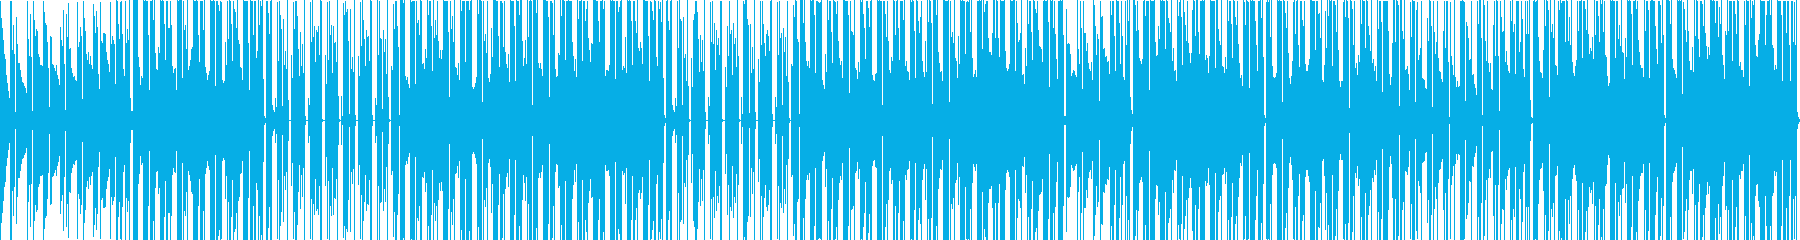 切ない系シティーポップの再生済みの波形